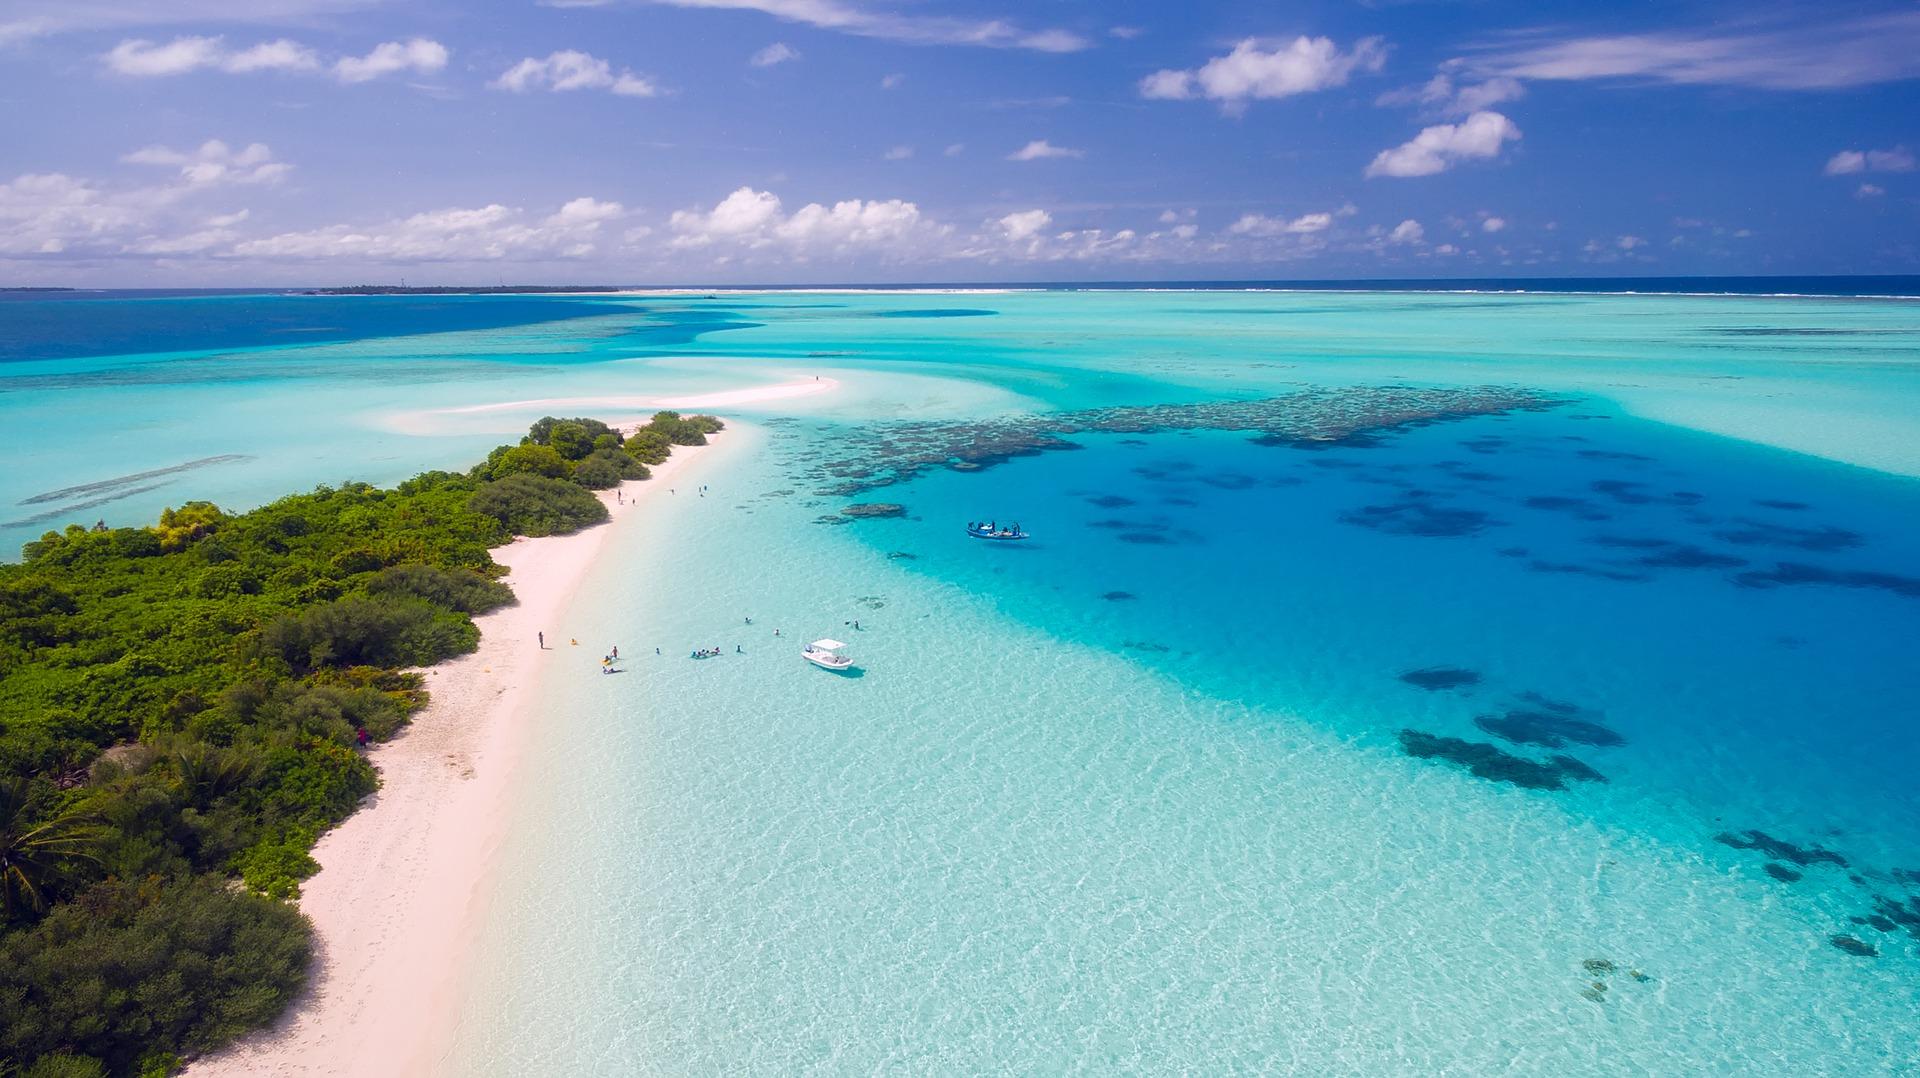 voyage+maldives